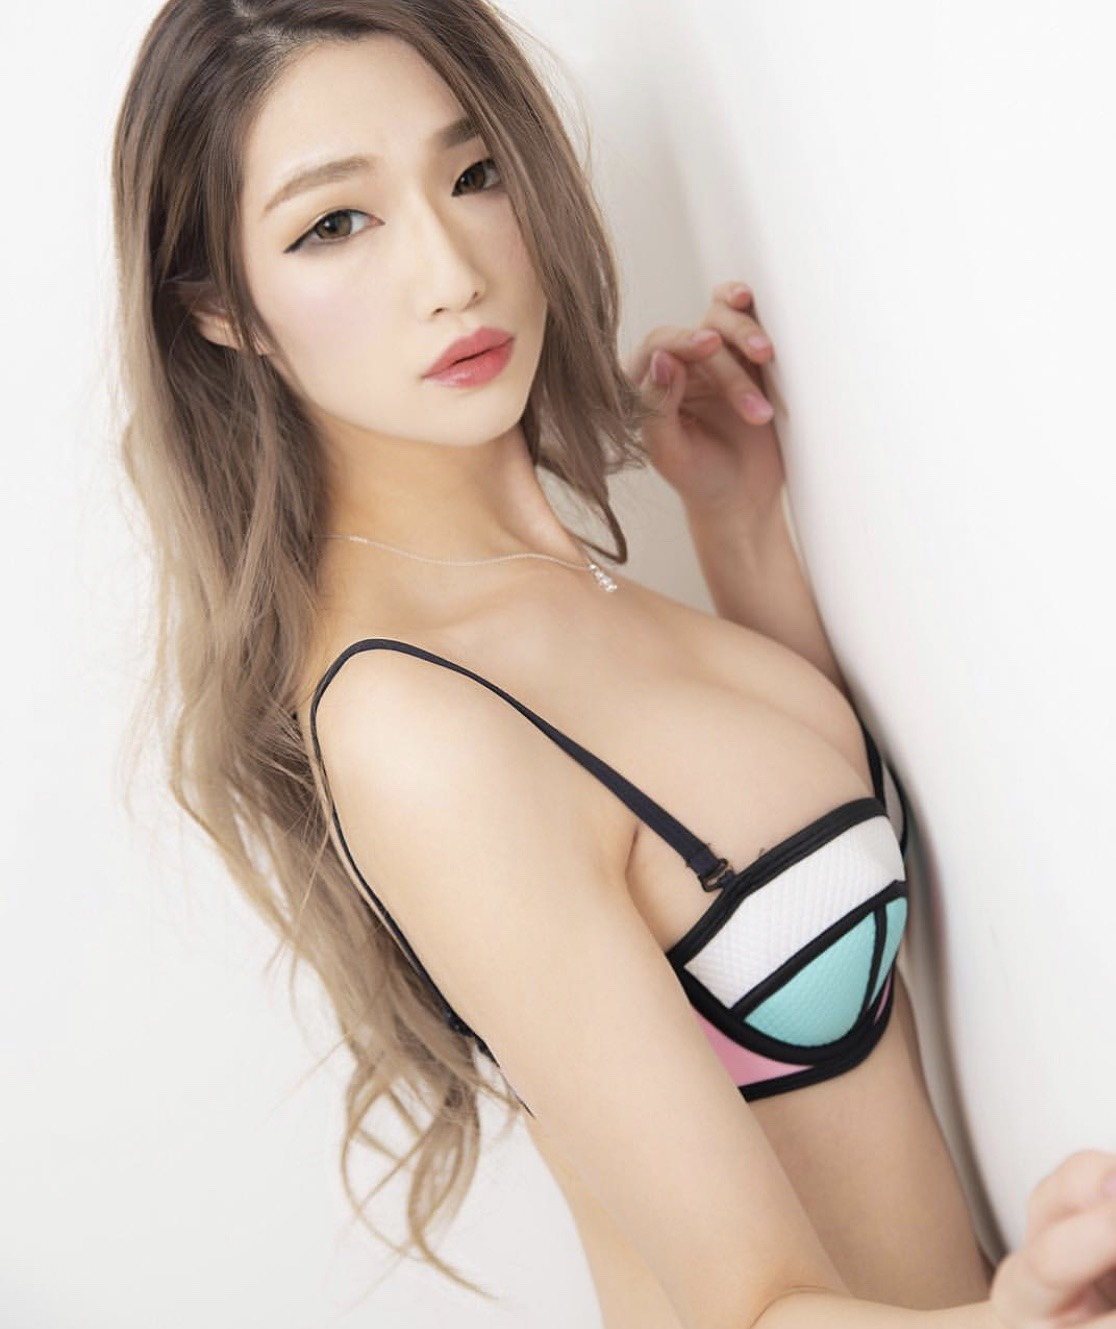 4月20日(土)ゆうさん【水着&ランジェリー】個人撮影会 開催決定です!